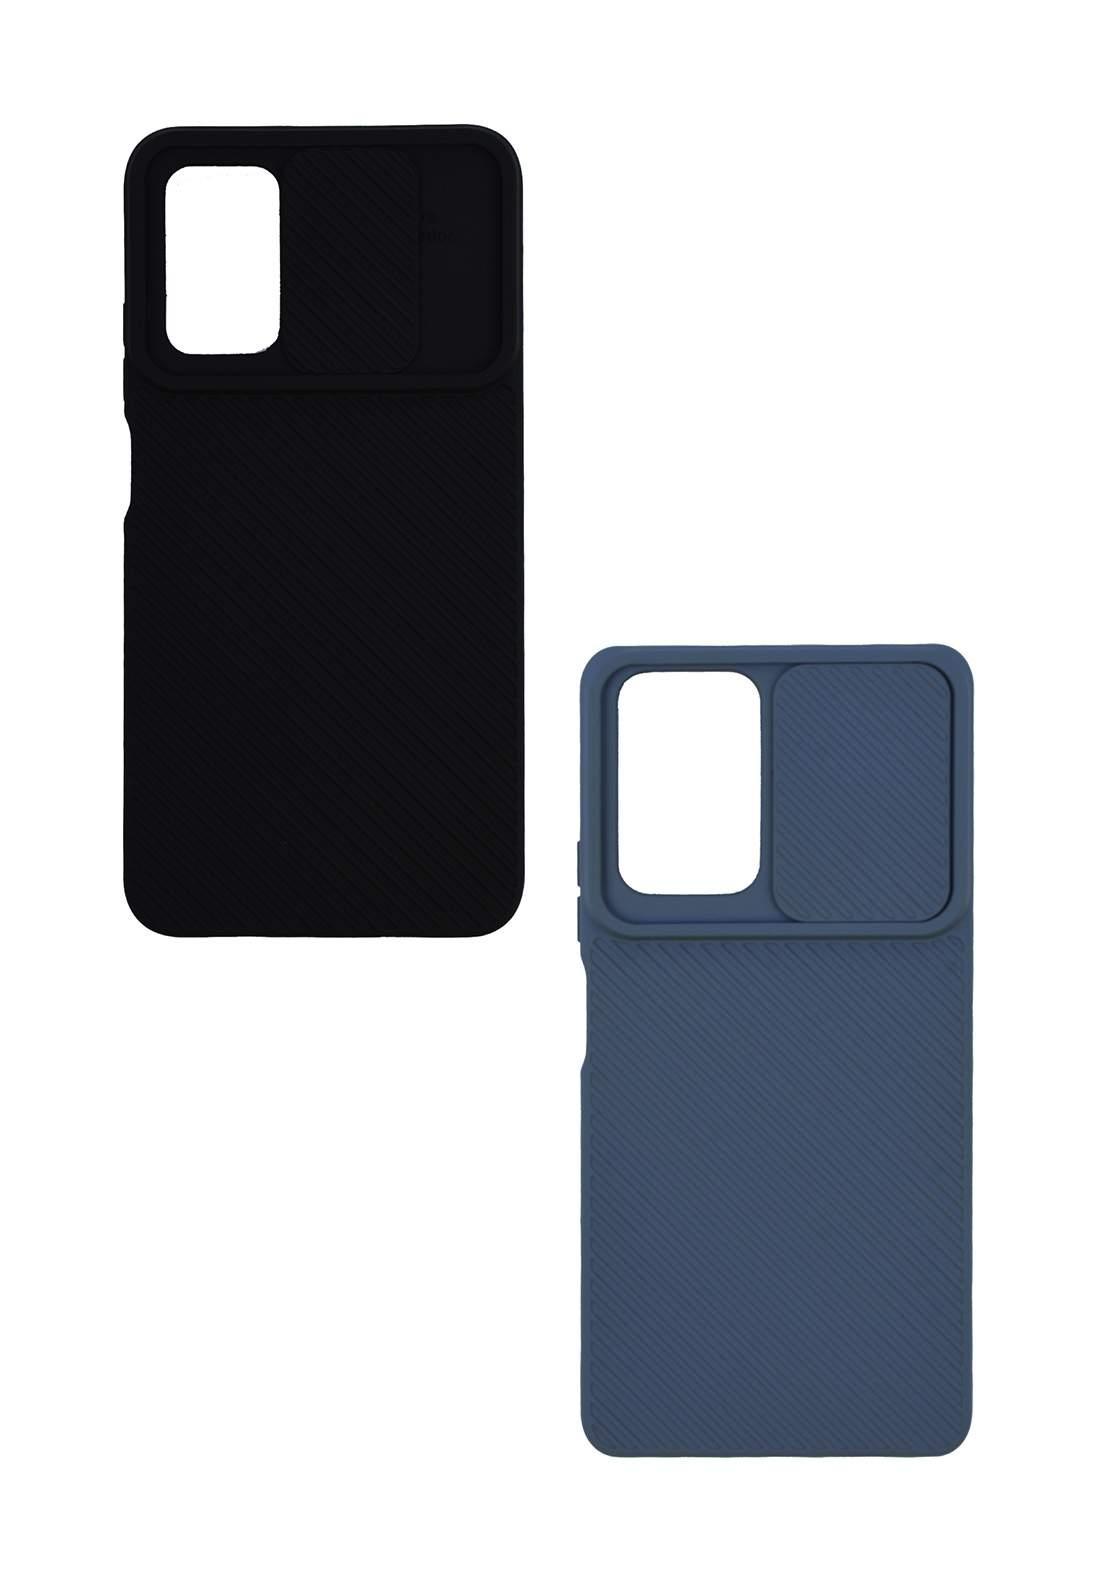 Protective Cover For Poco M3 Redmi 9T Silicon Hard Case  حافظة موبايل